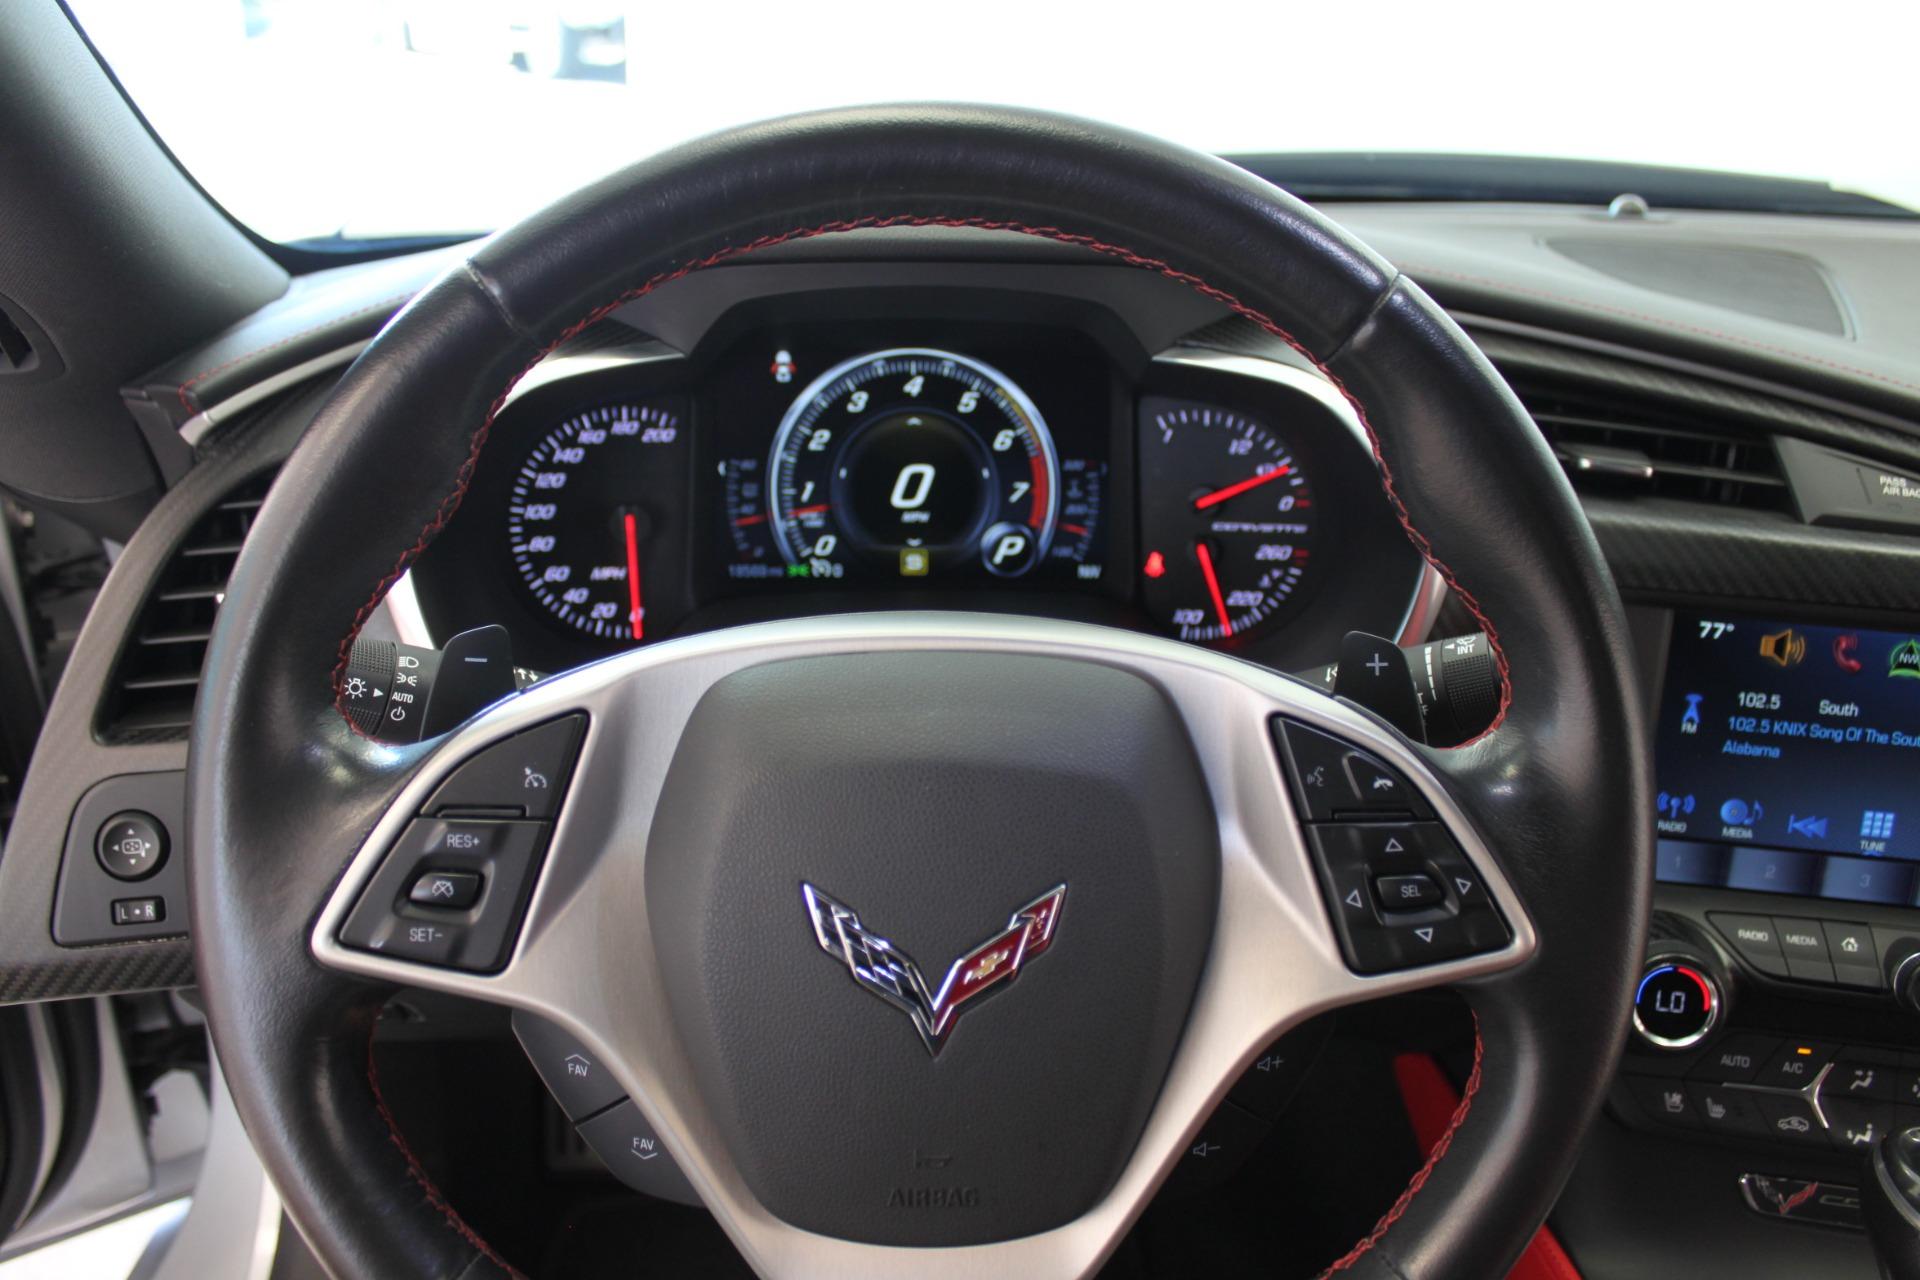 Used-2016-Chevrolet-Corvette-2LT-Wrangler